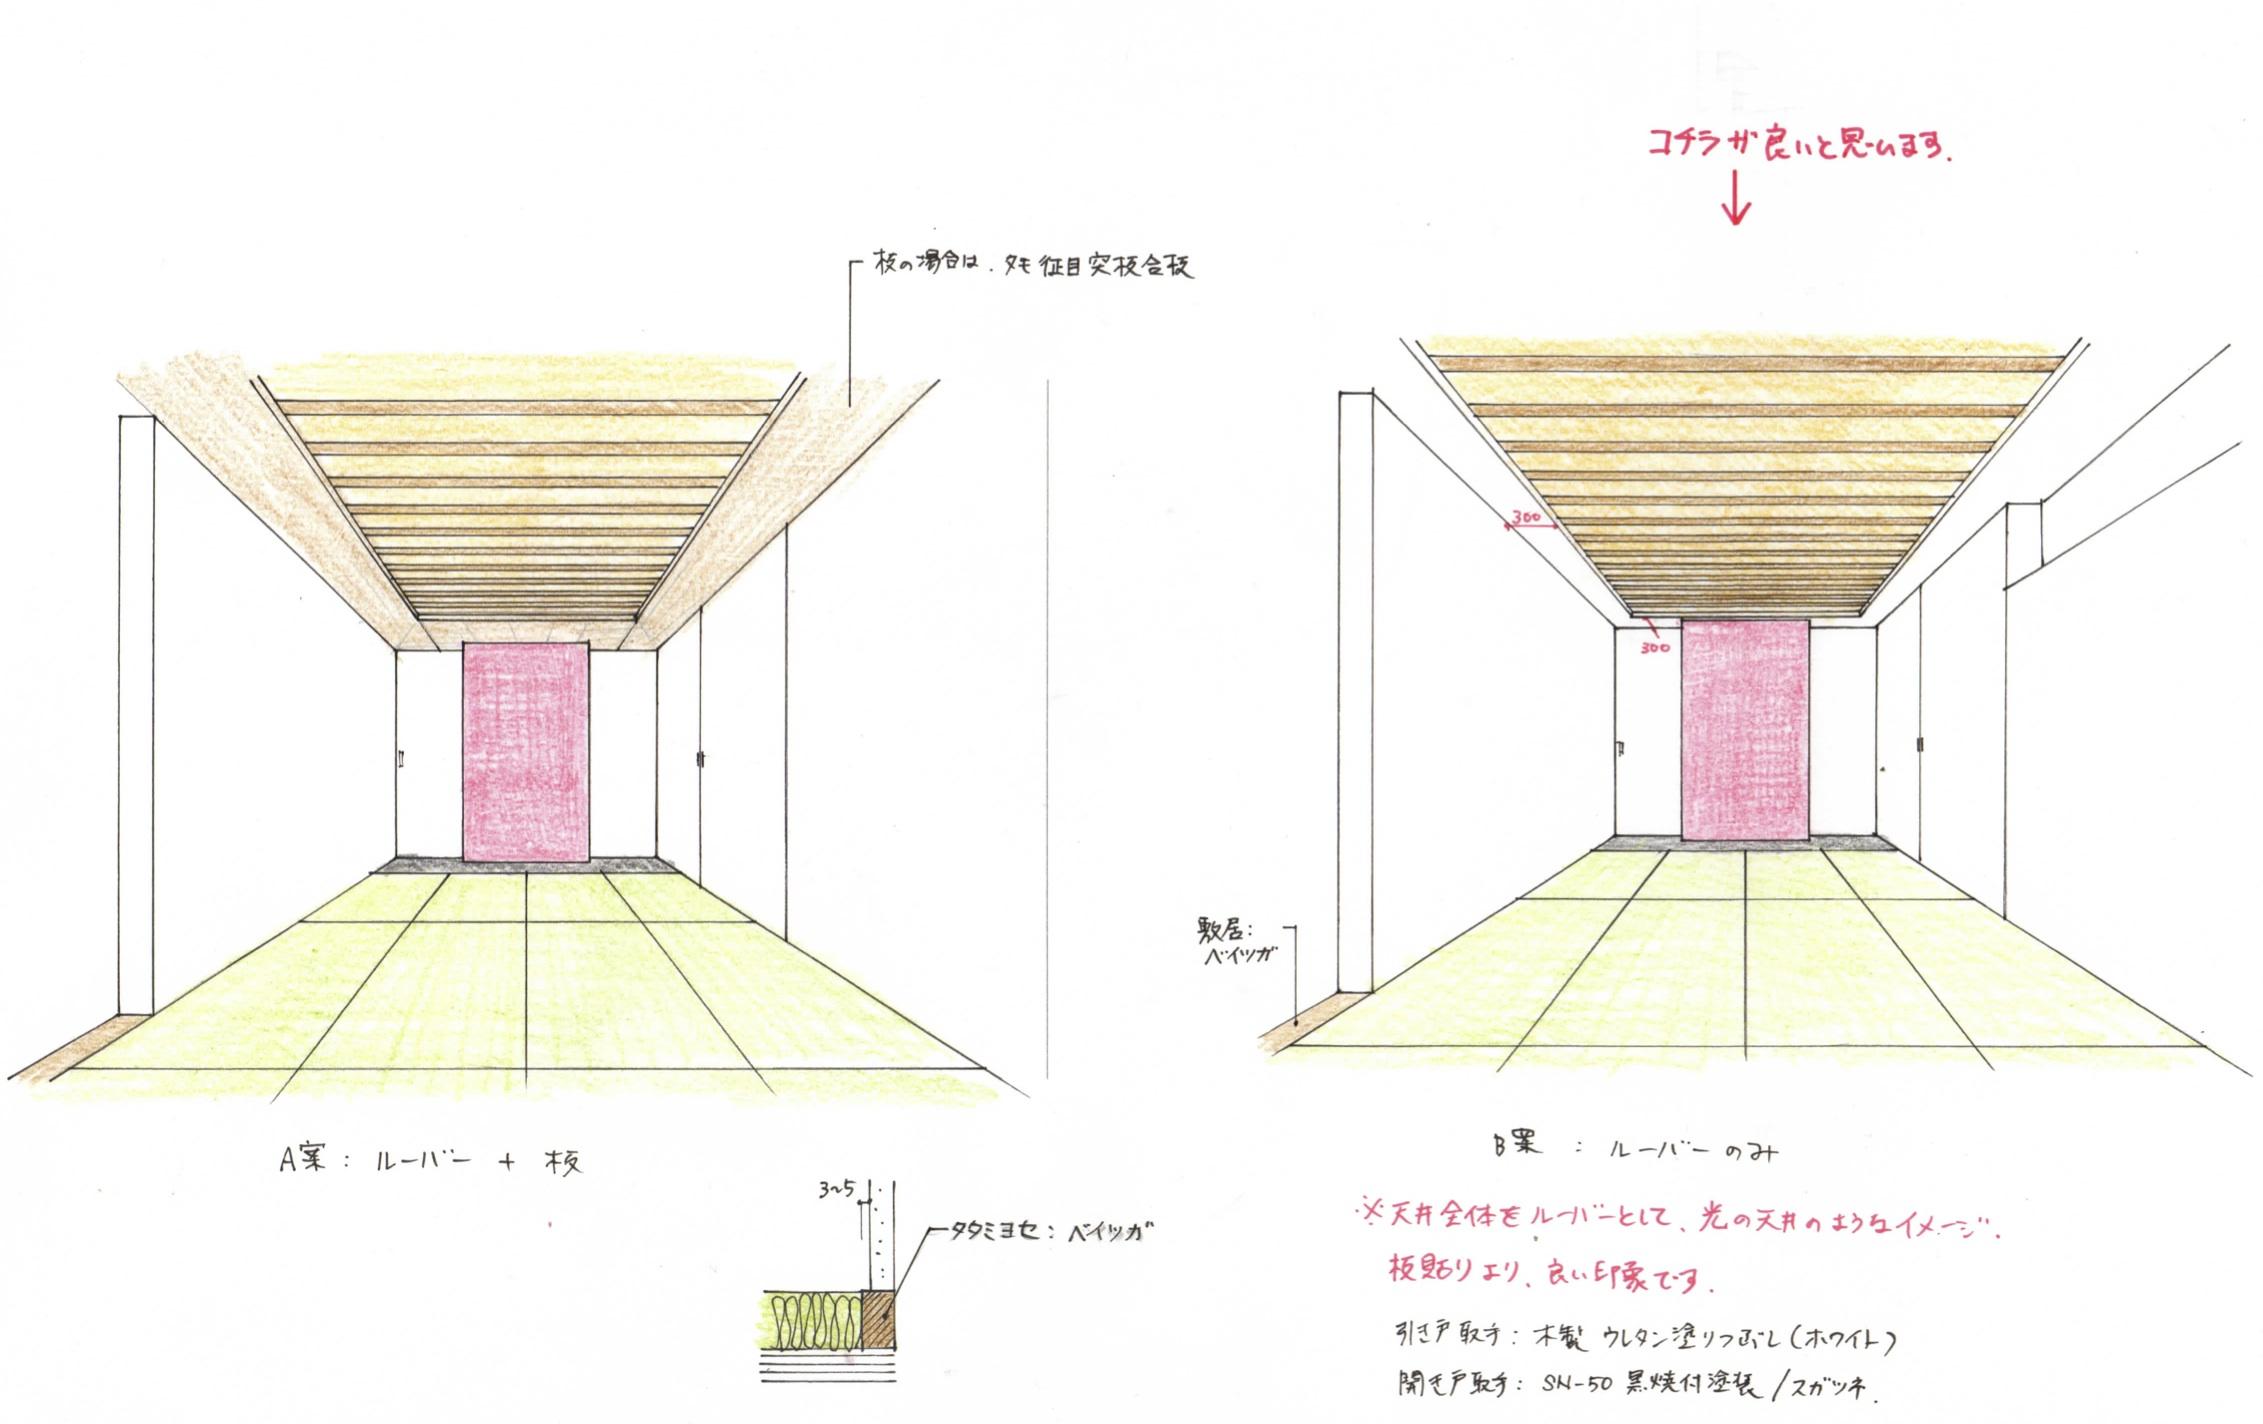 高級注文住宅設計事務所建築家大阪京都和室デザイン